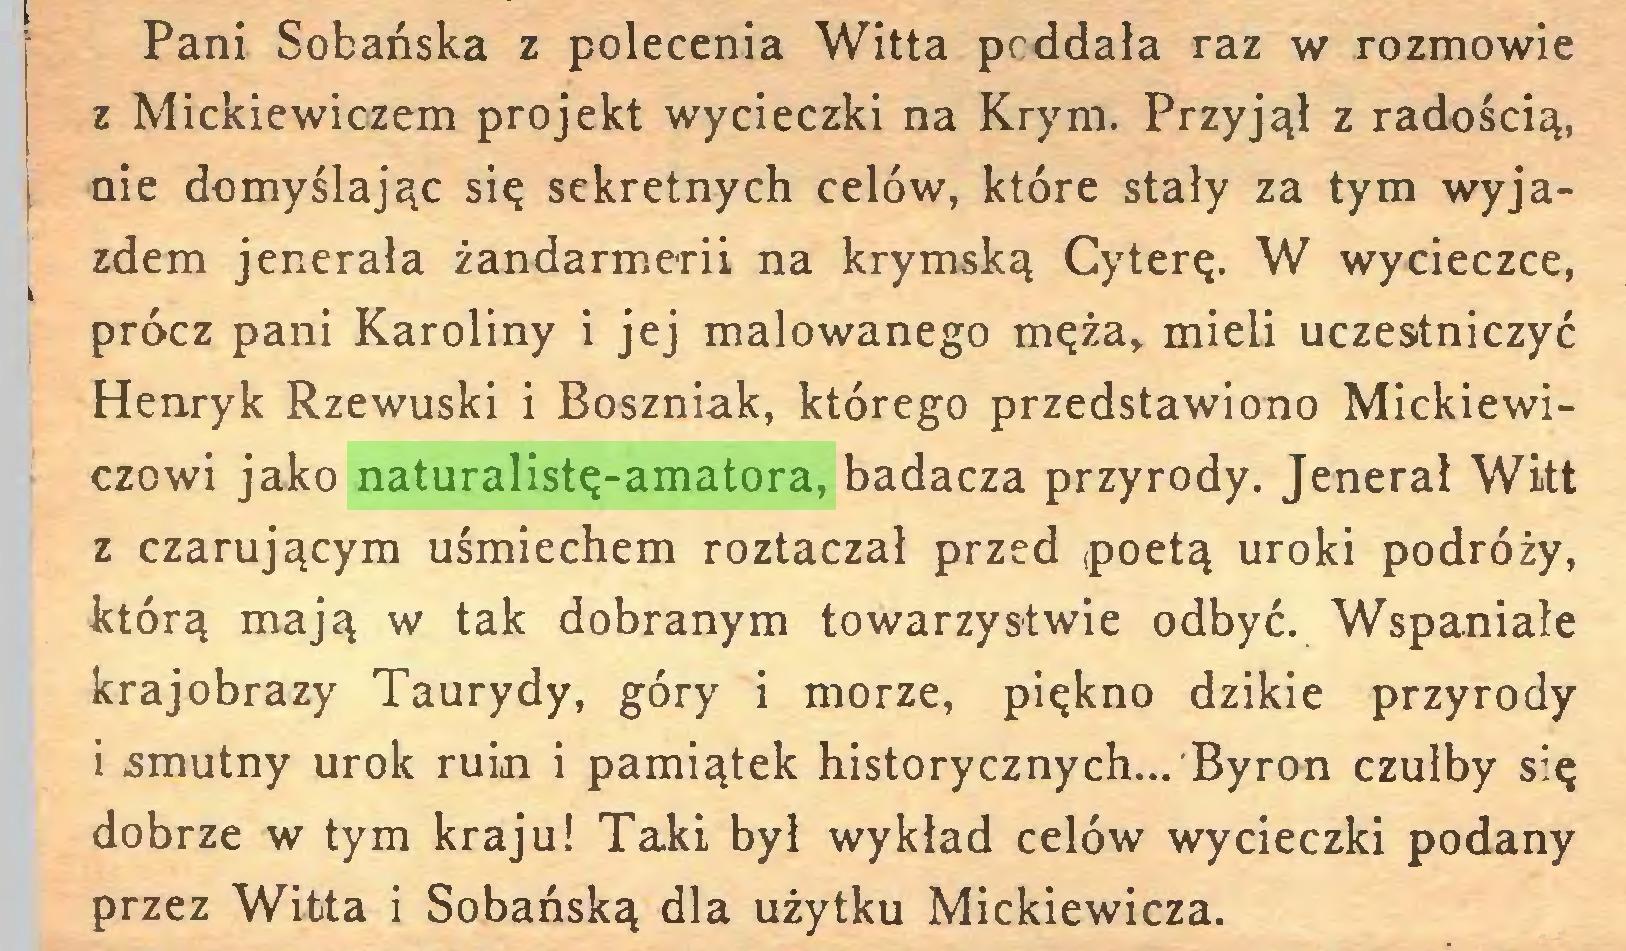 (...) Pani Sobańska z polecenia Witta poddała raz w rozmowie z Mickiewiczem projekt wycieczki na Krym. Przyjął z radością, 1 aie domyślając się sekretnych celów, które stały za tym wyjazdem jenerała żandarmerii na krymską Cyterę. W wycieczce, prócz pani Karoliny i jej malowanego męża, mieli uczestniczyć Henryk Rzewuski i Boszniak, którego przedstawiono Mickiewiczowi jako naturalistę-amatora, badacza przyrody. Jenerał Witt z czarującym uśmiechem roztaczał przed poetą uroki podróży, którą mają w tak dobranym towarzystwie odbyć. Wspaniale krajobrazy Taurydy, góry i morze, piękno dzikie przyrody 1 smutny urok ruin i pamiątek historycznych... Byron czułby się dobrze w tym kraju! Taki był wykład celów wycieczki podany przez Witta i Sobańską dla użytku Mickiewicza...